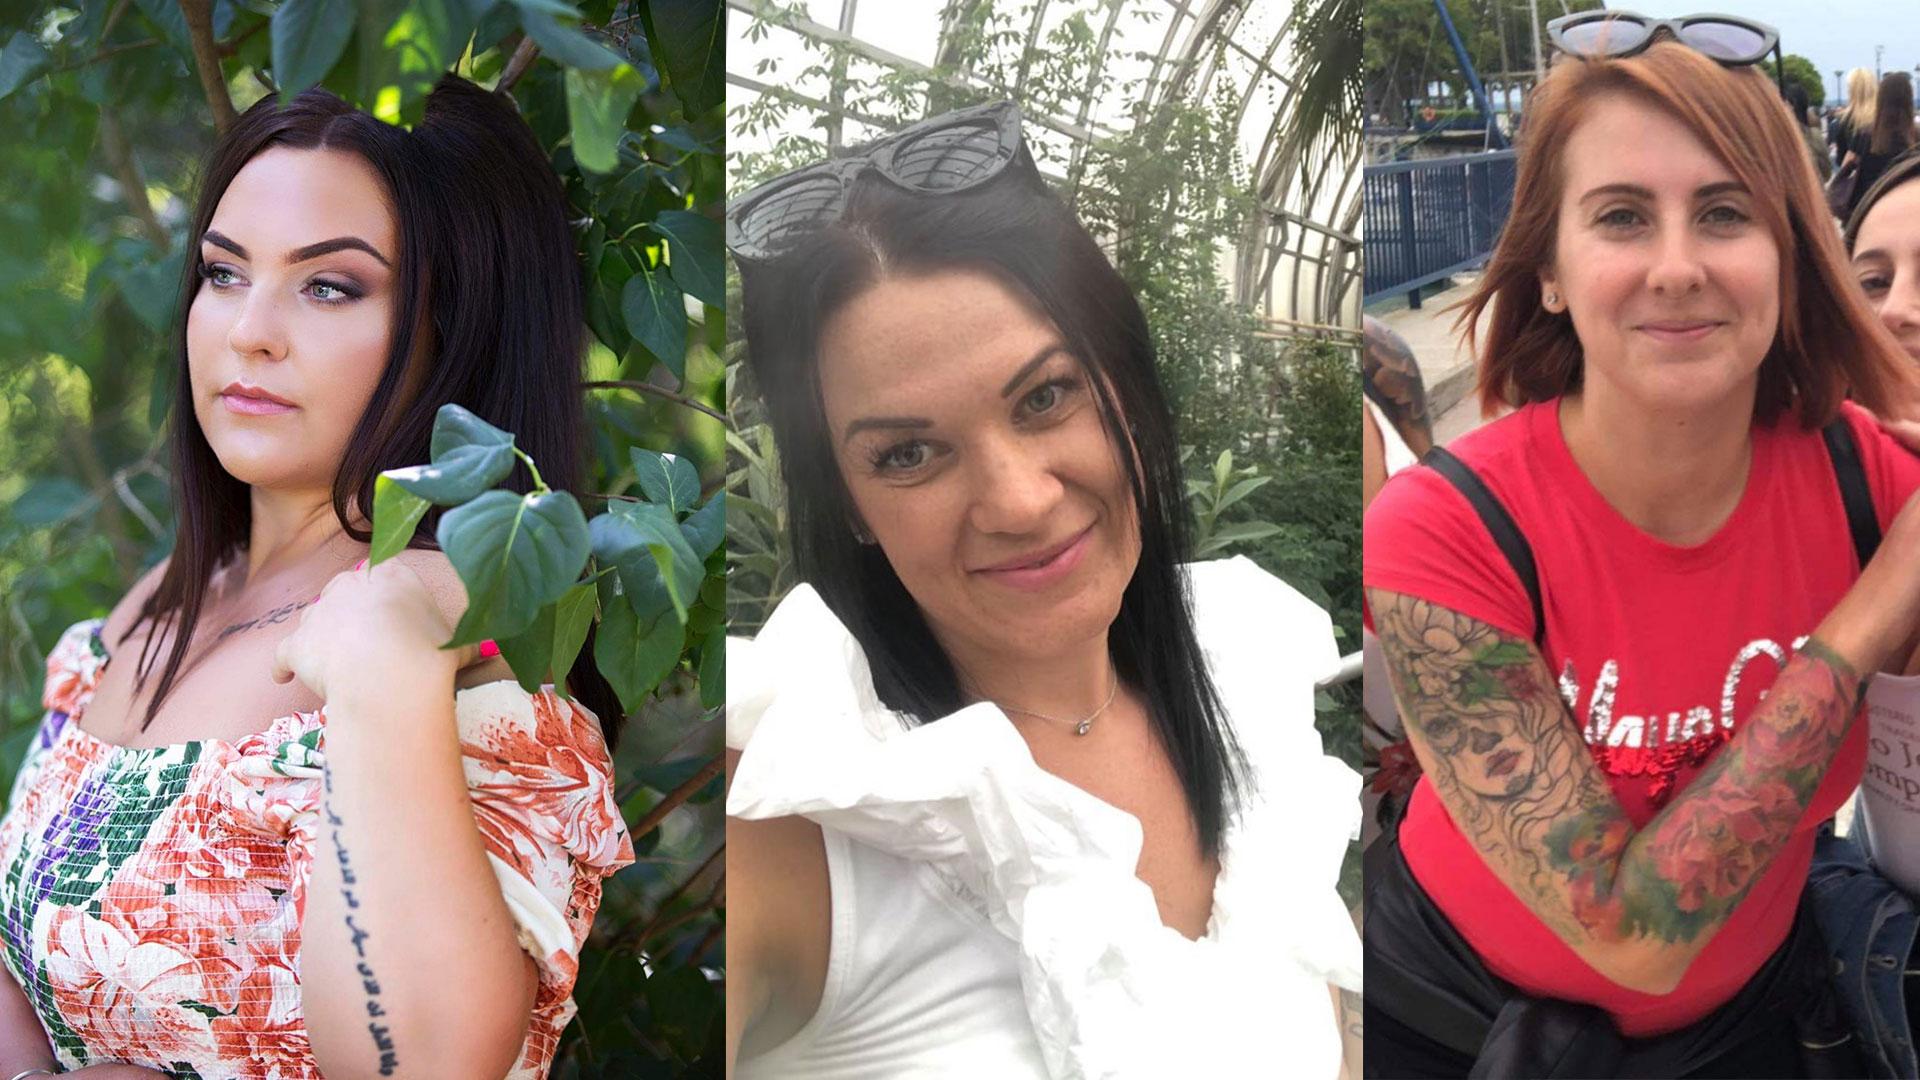 idézetek a tetoválásokról ANKÉT: A tetoválásokról és azok jelentéséről Bodó Flórát, Darnay